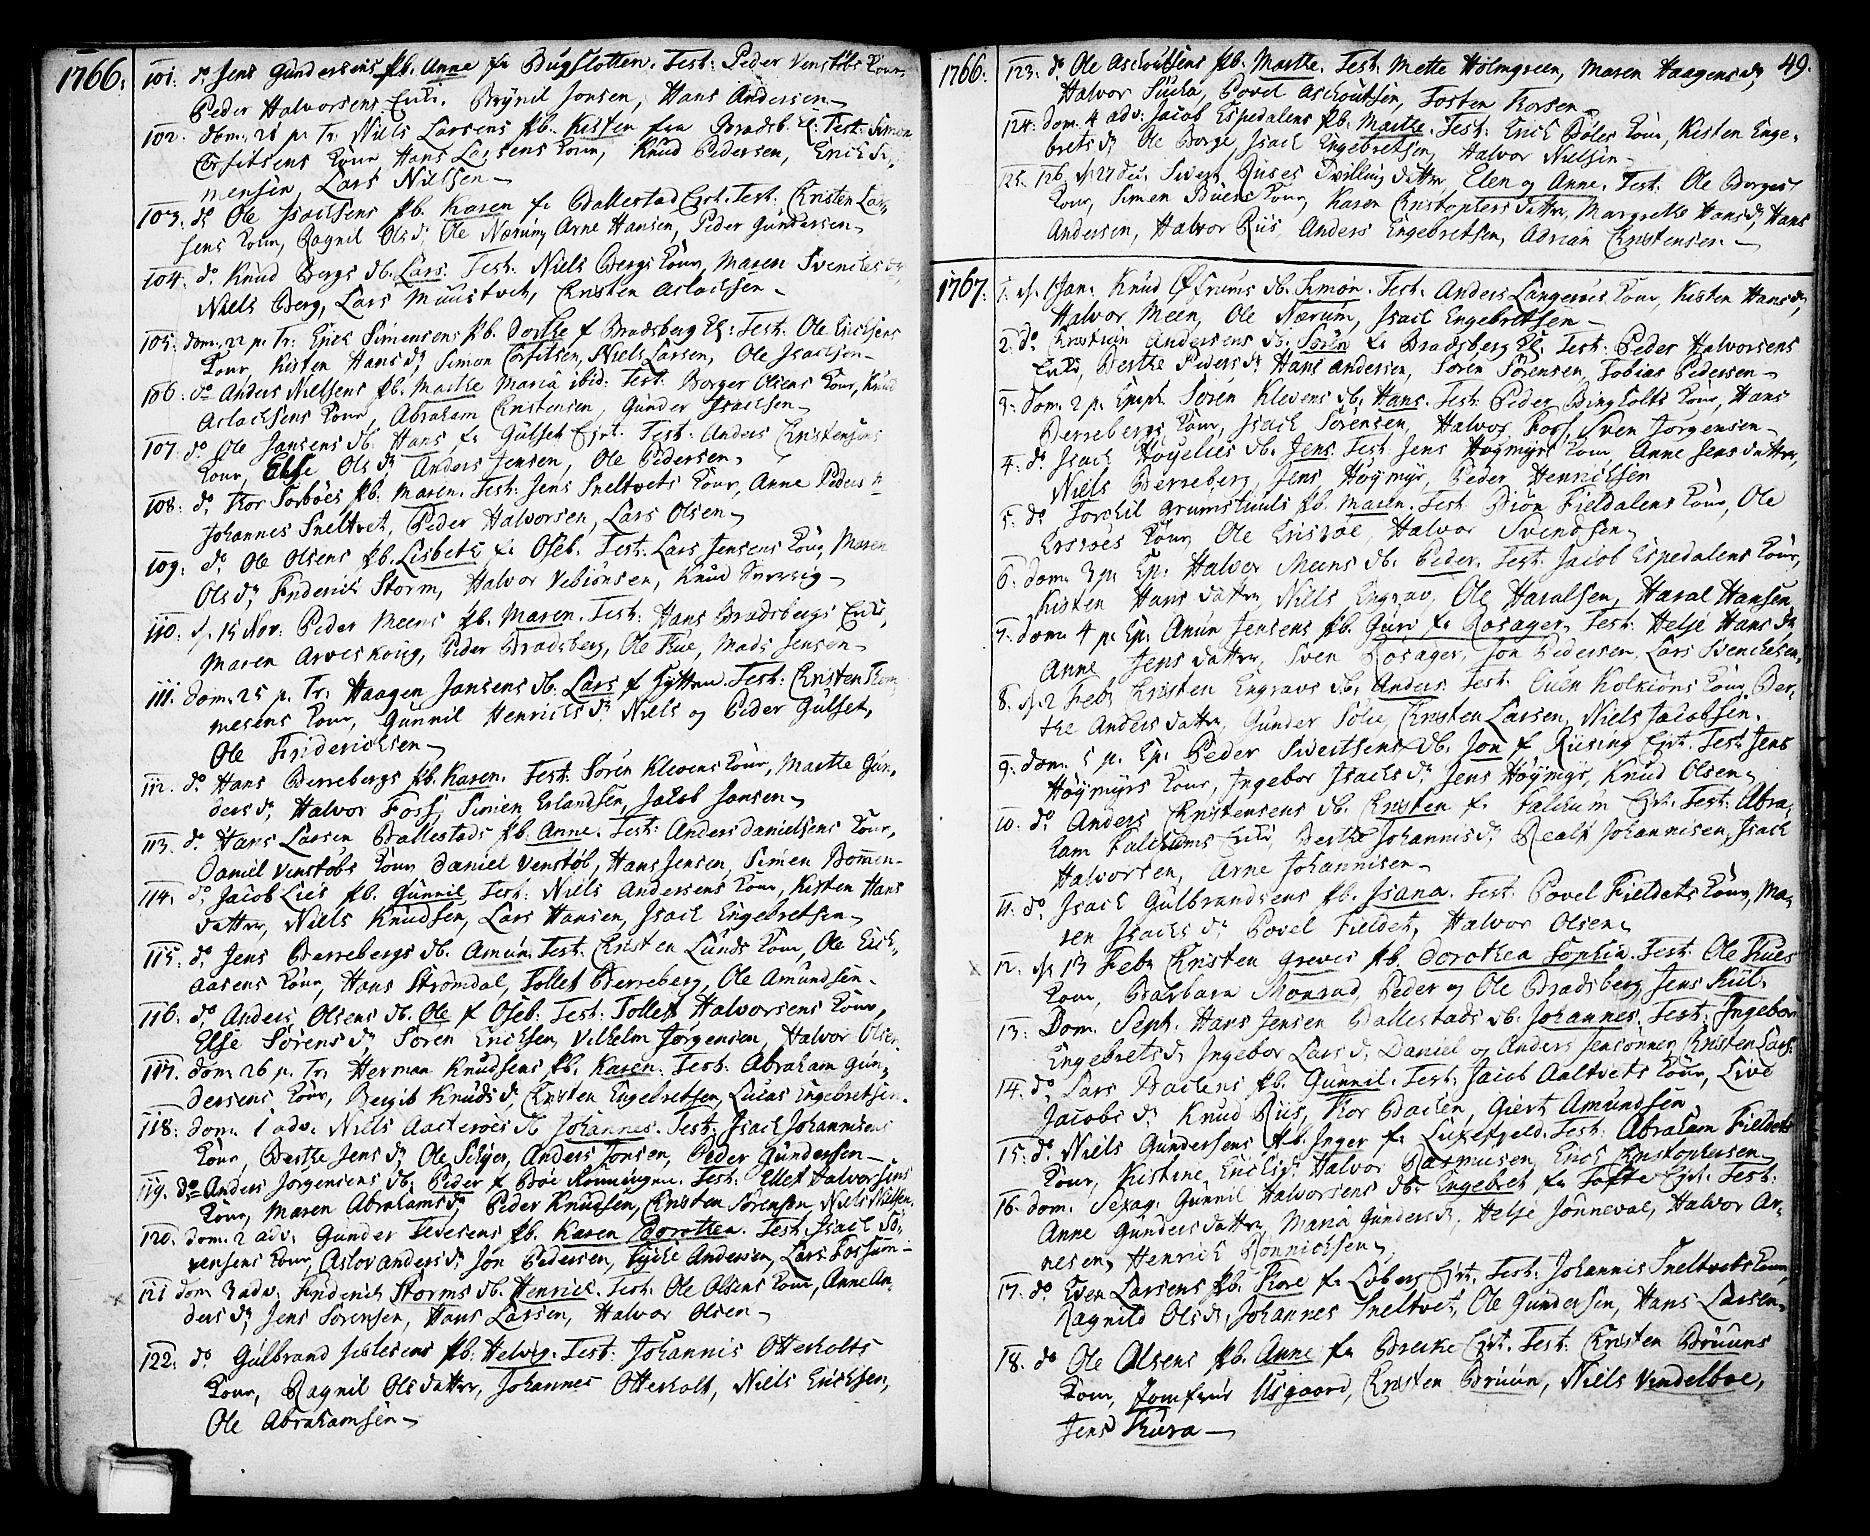 SAKO, Gjerpen kirkebøker, F/Fa/L0002: Ministerialbok nr. 2, 1747-1795, s. 49